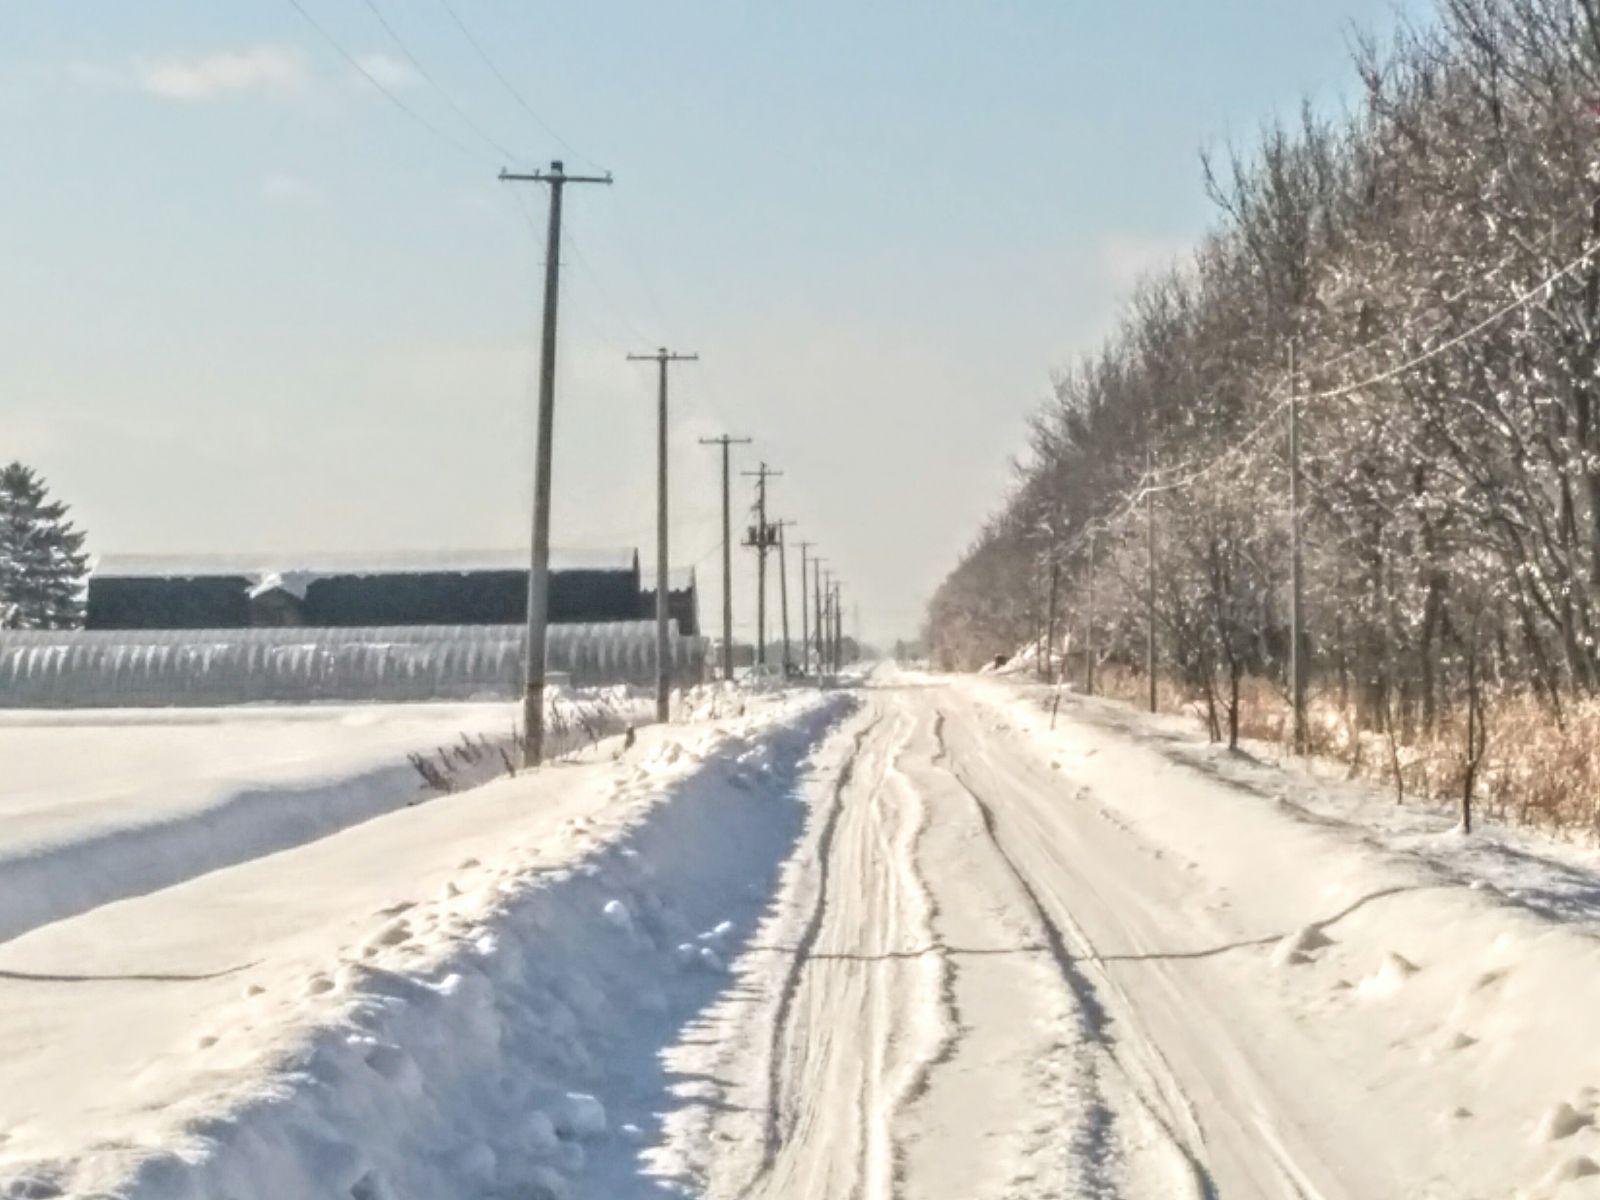 【長沼町】冬の直線道路と真っ白な大地です。